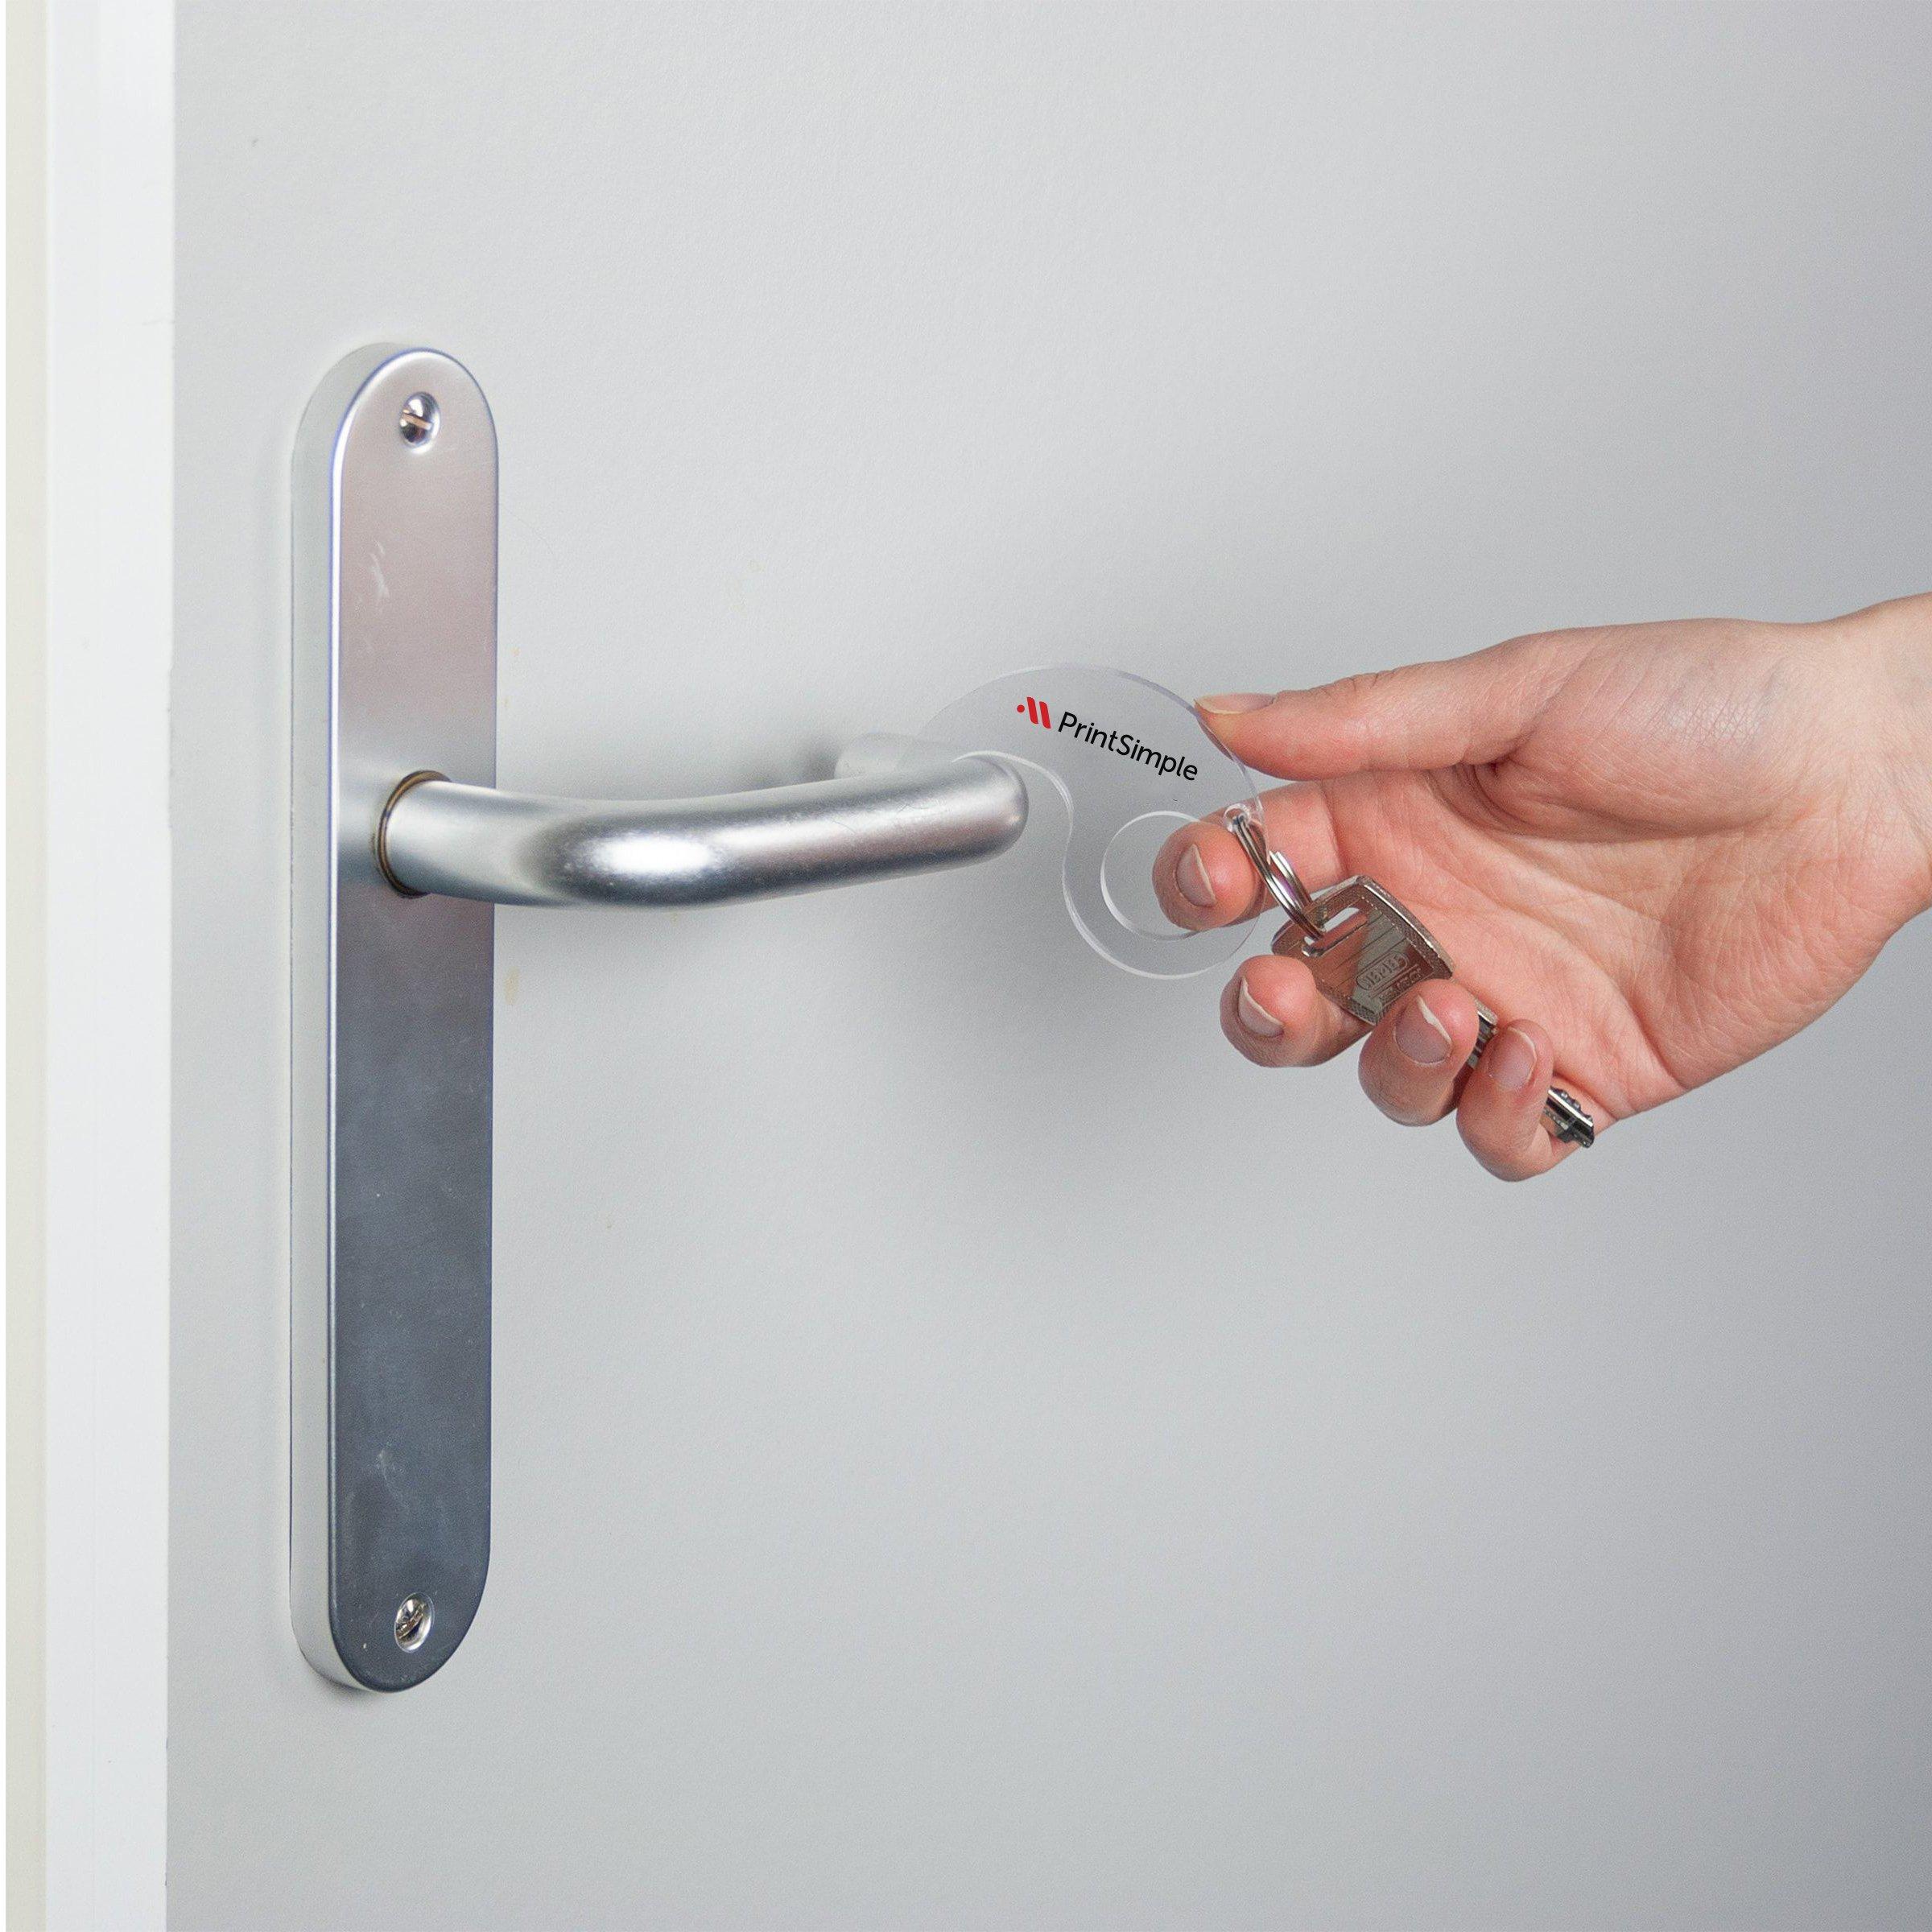 DN Dumbo door opener